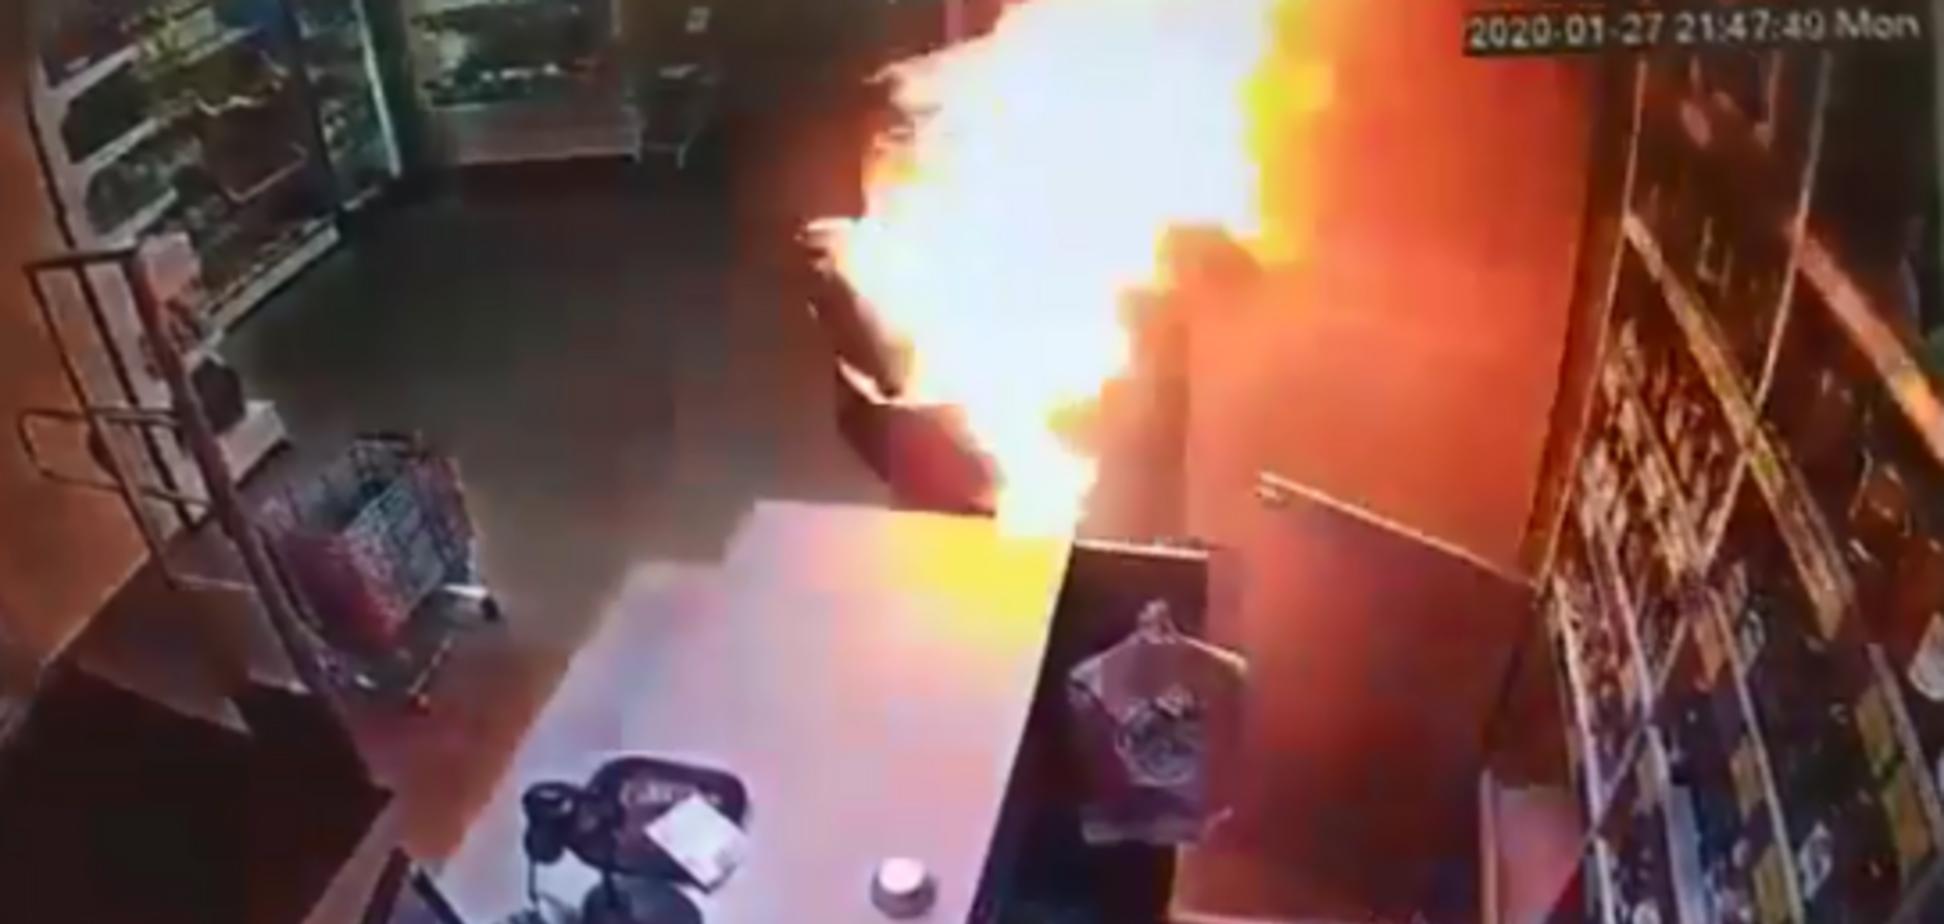 Сгорело все лицо: россиянин поджег бывшую жену в ТЦ. Видео